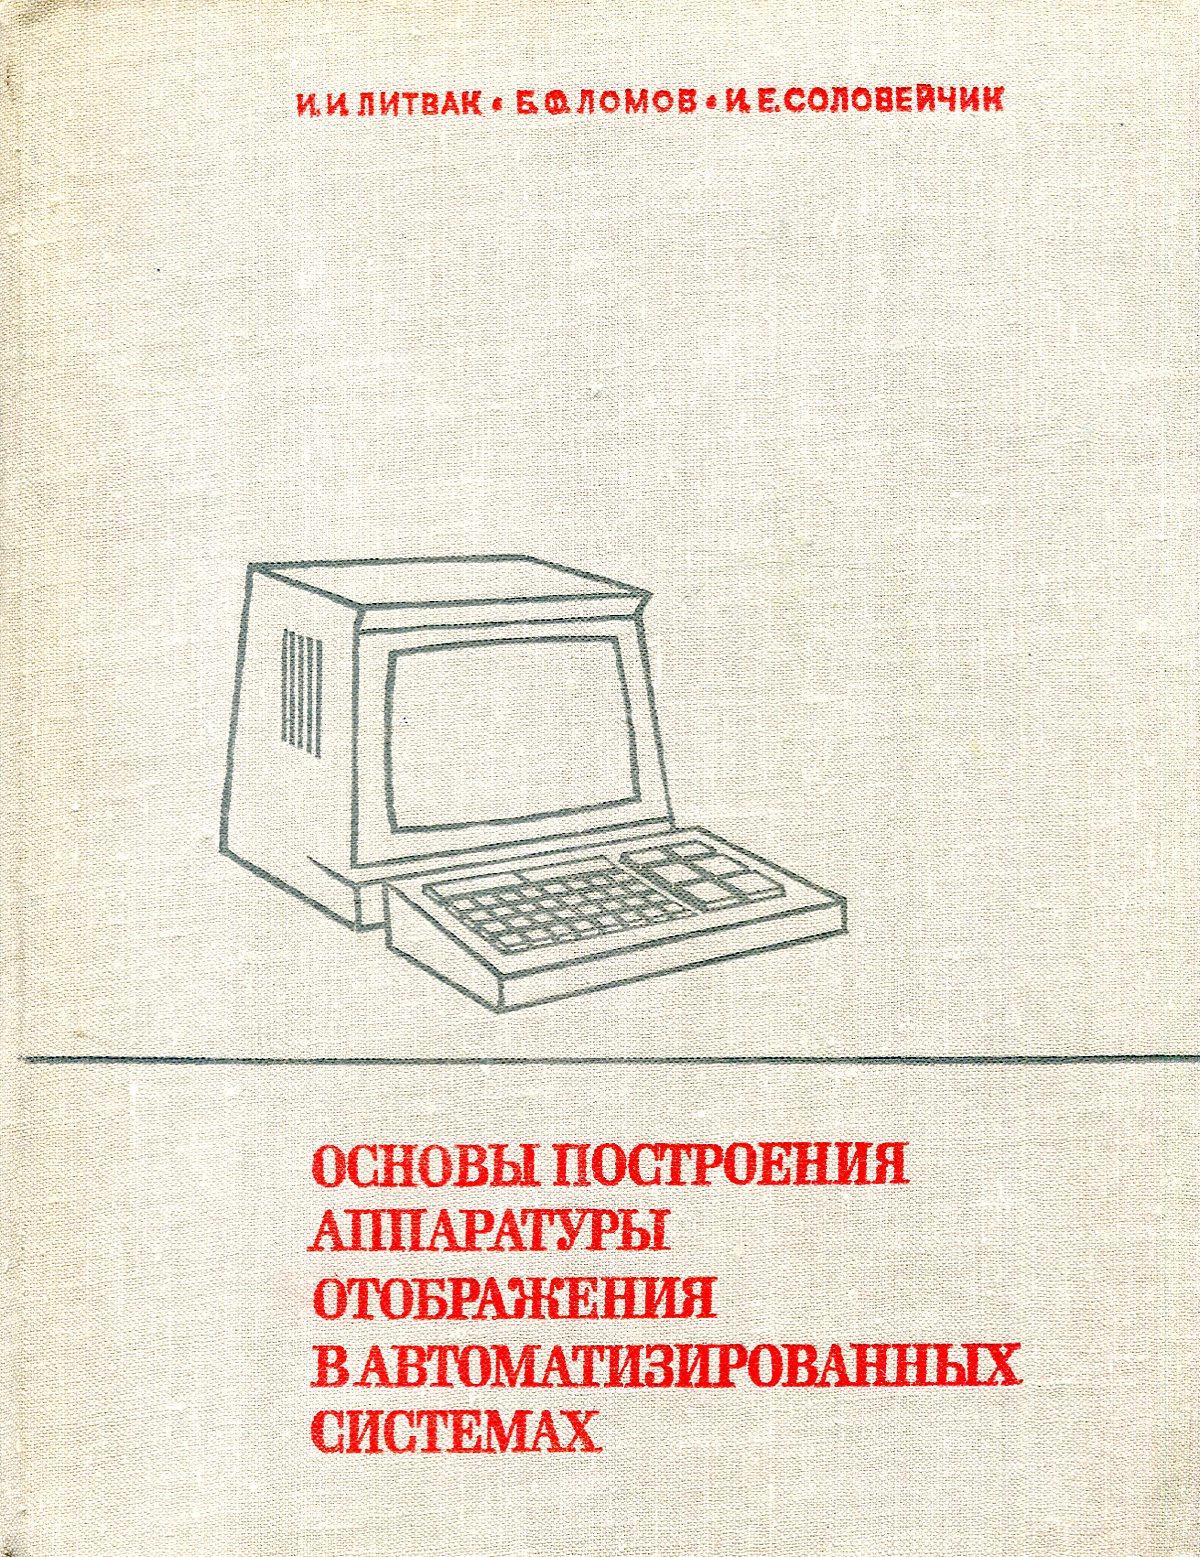 И.И. Литвак, Б.Ф. Ломов, И.Е. Соловейчик Основы построения аппаратуры отображения в автоматизированных системах